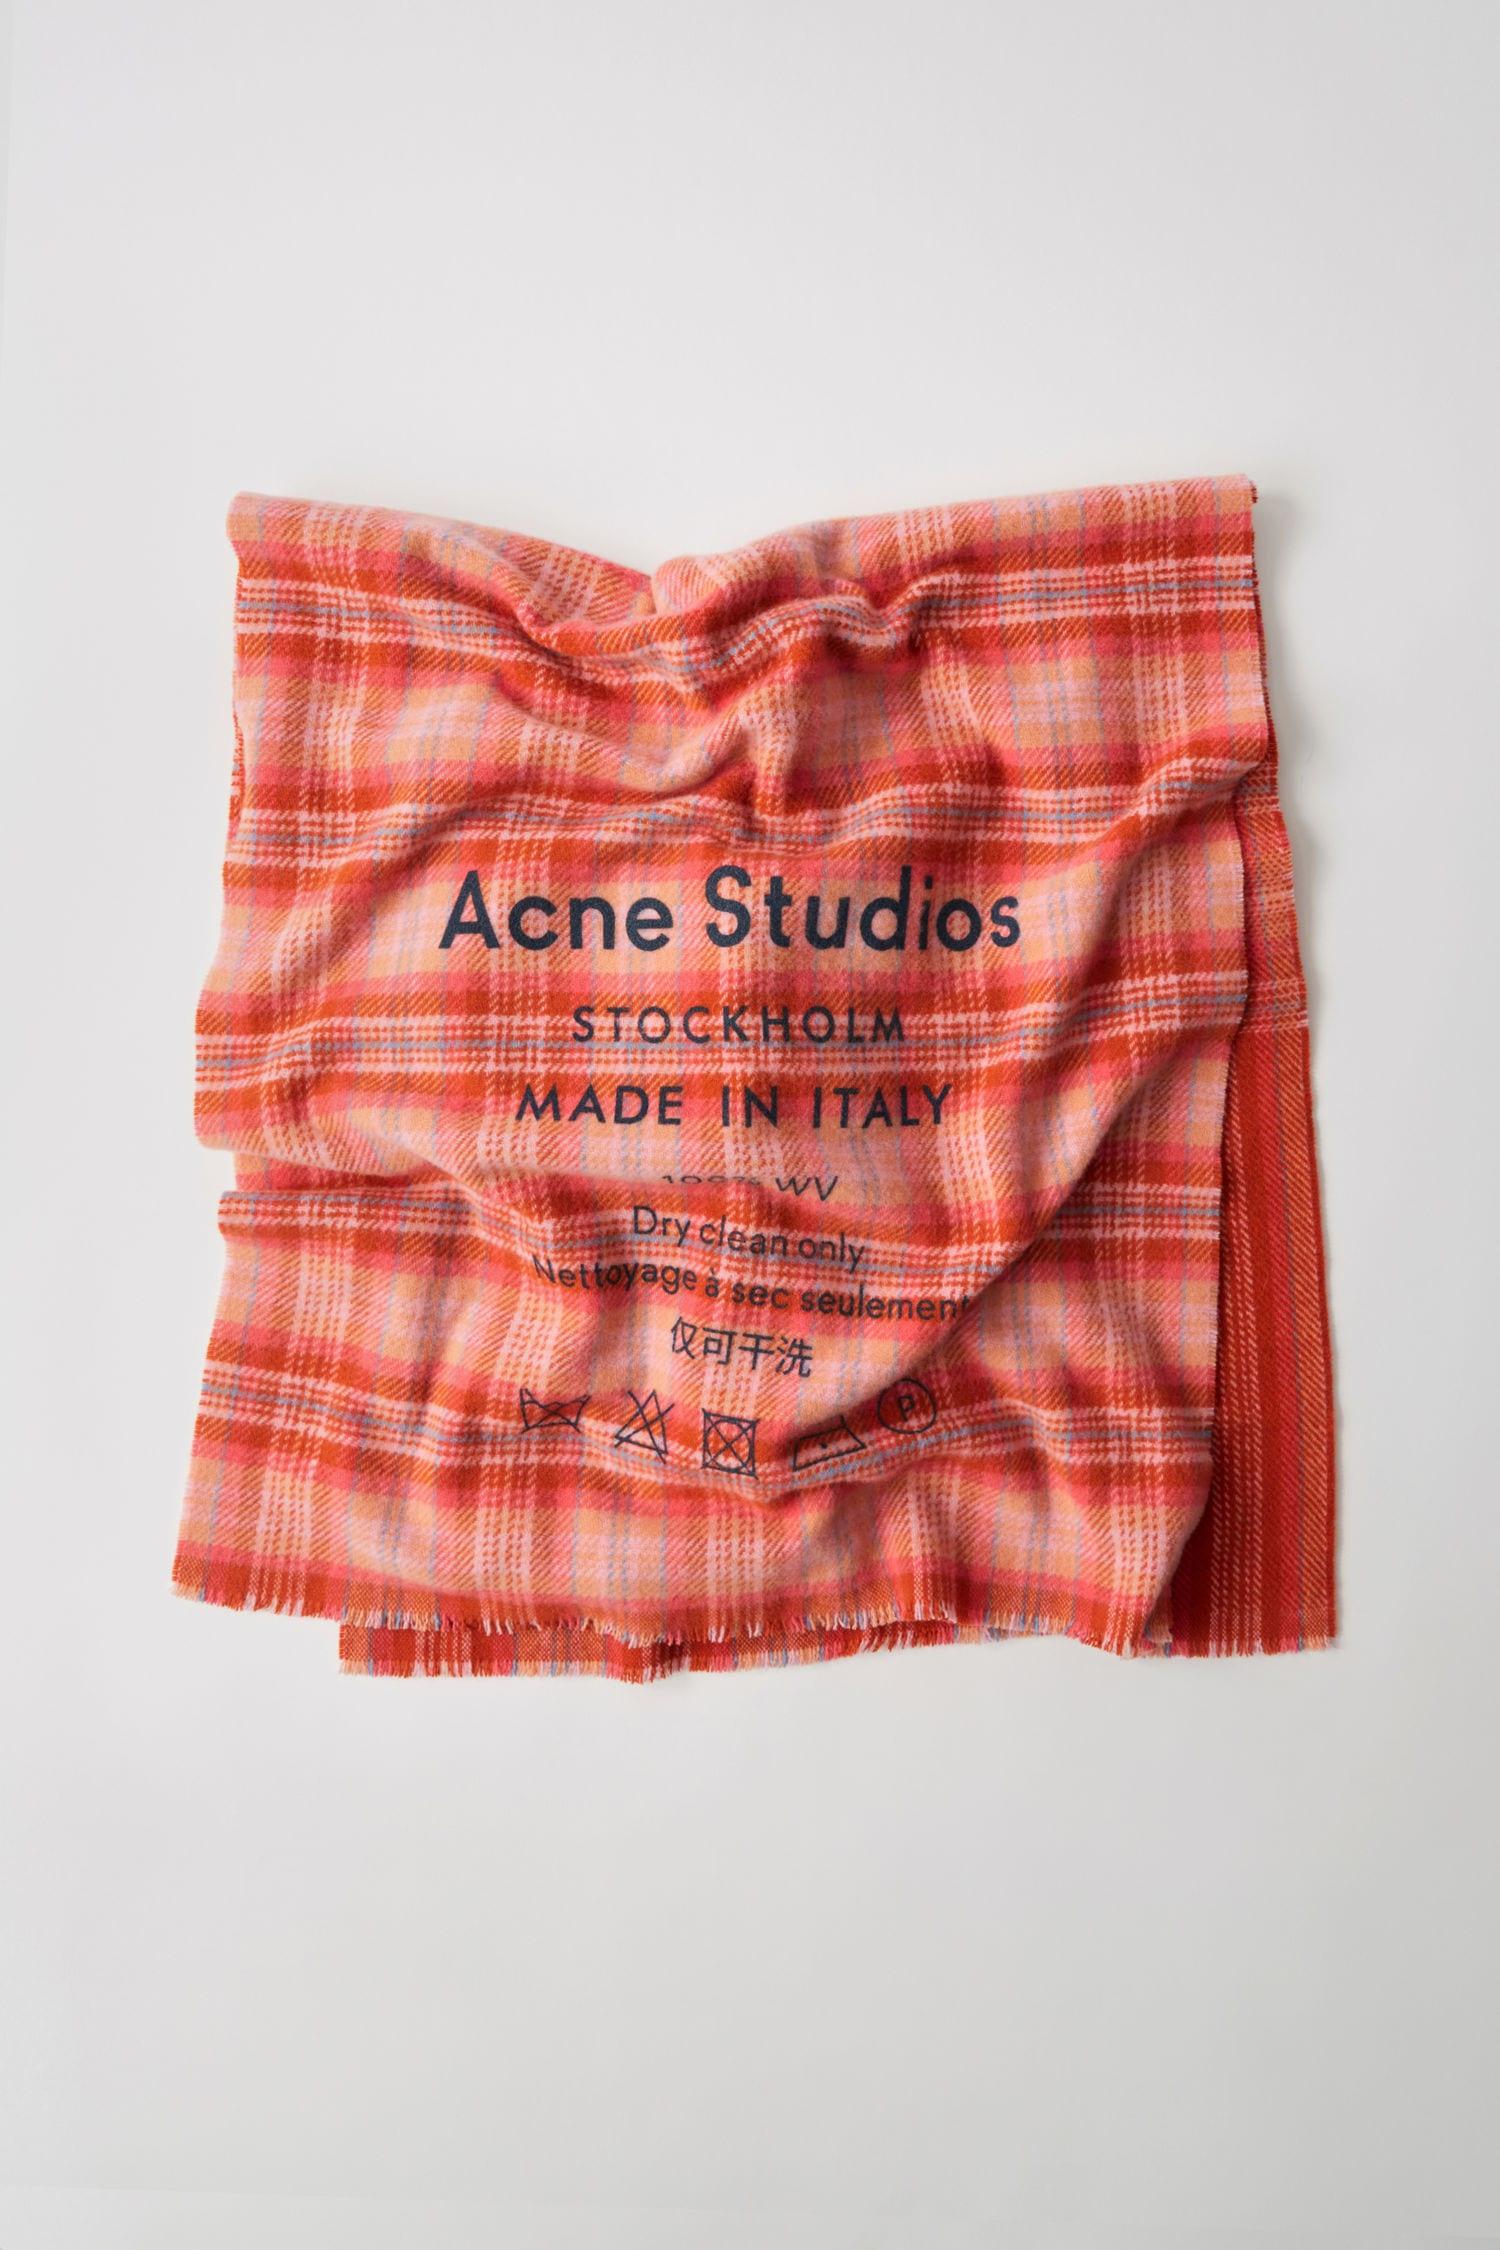 Acne Studio: Archive Sale!